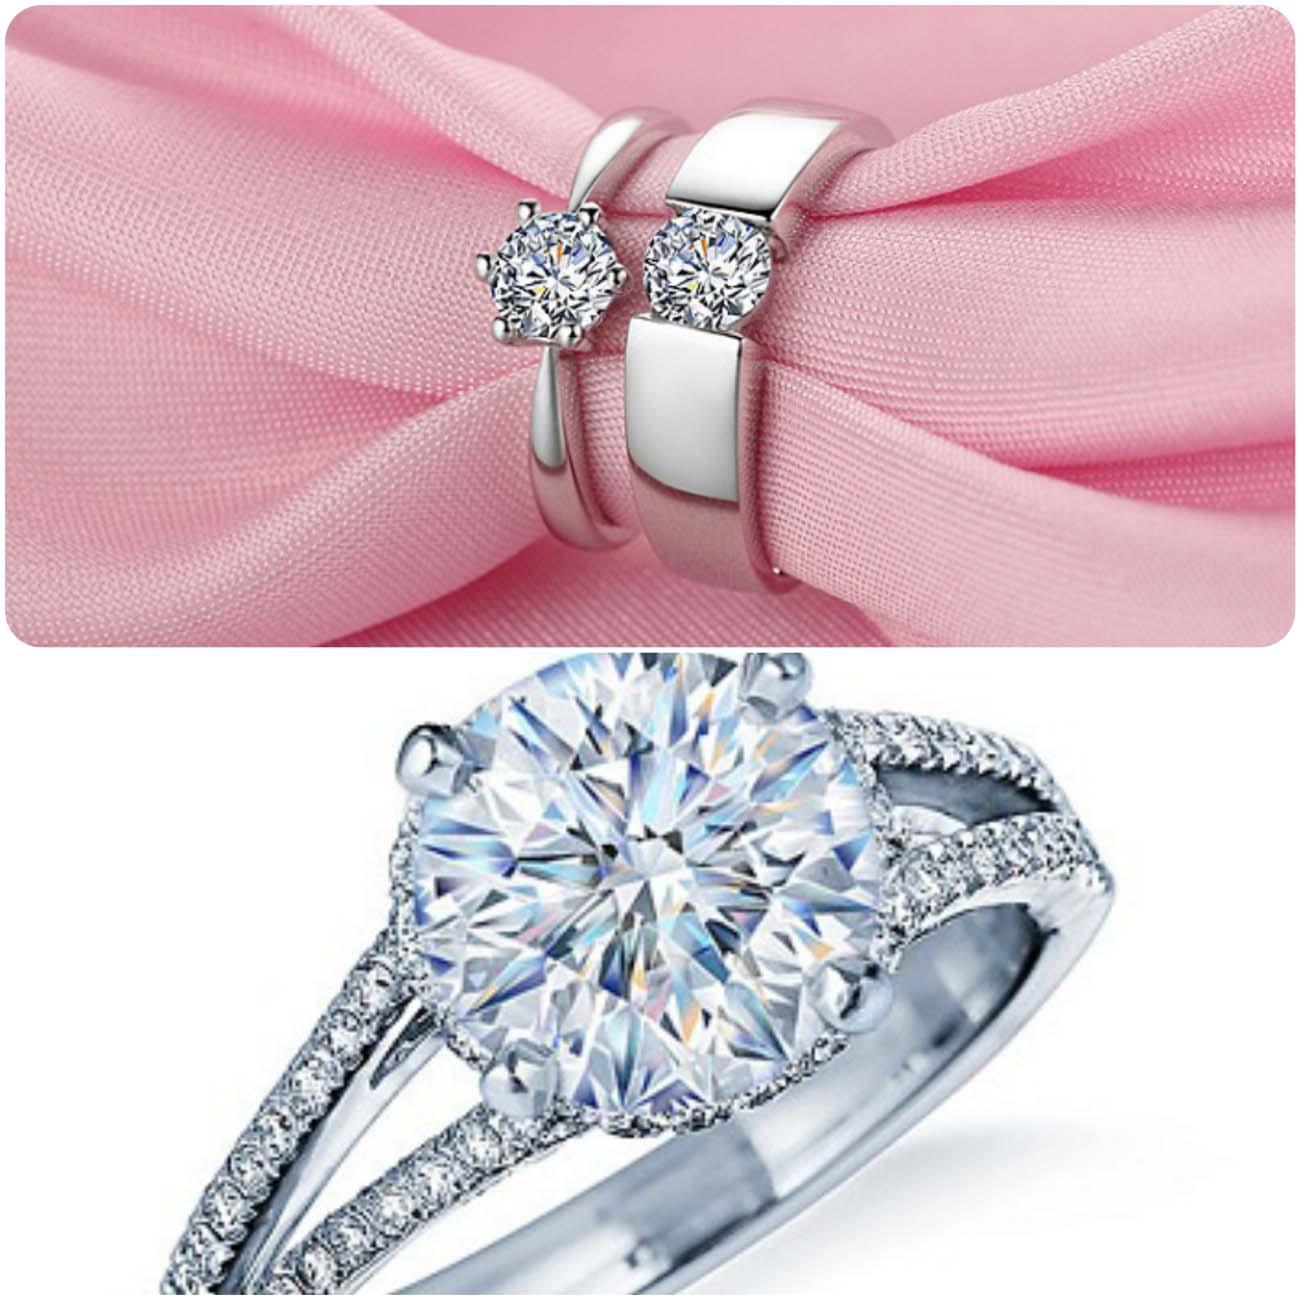 Engagement Rings Design For Men Amp Women 2016 Stylo Planet